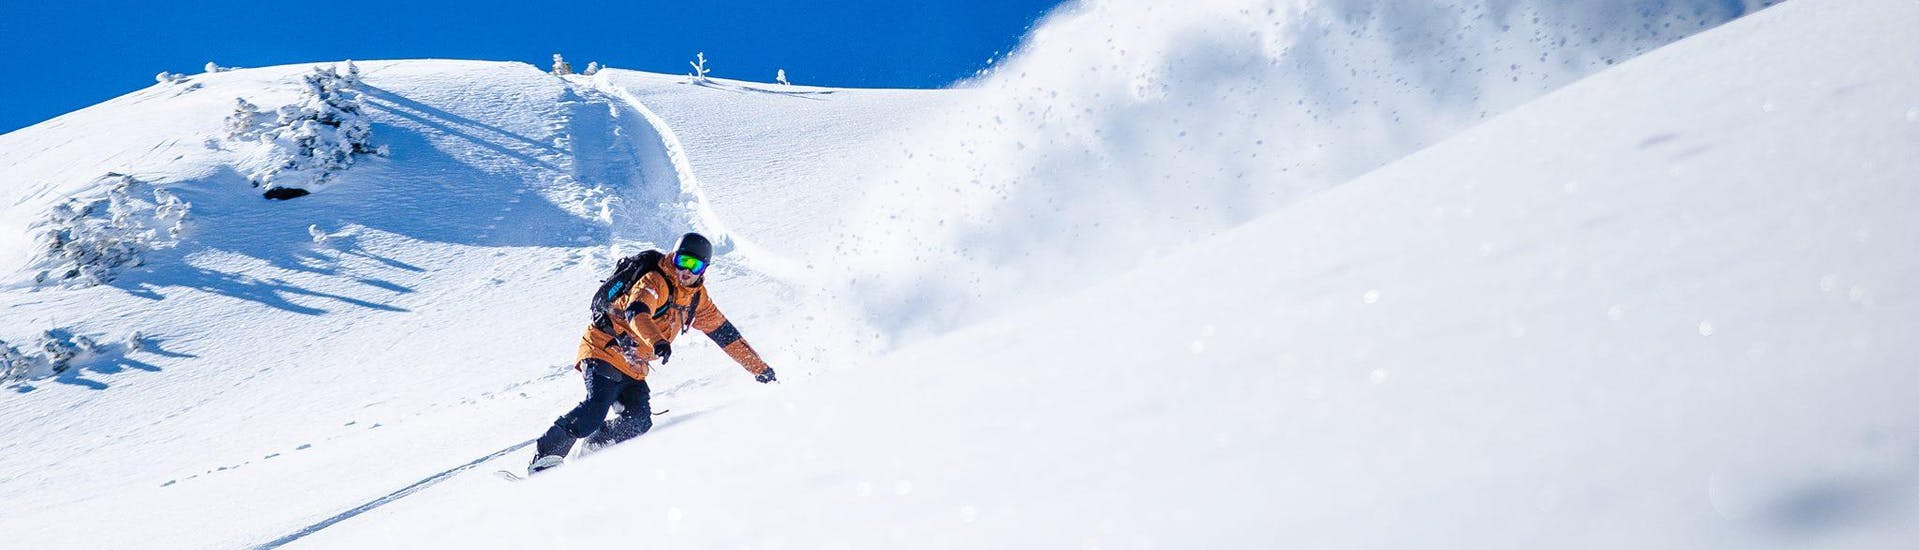 Un snowboardeur glisse sur la poudreuse durant son cours de snowboard avec Cab9 Snowboarding dans le domaine skiable de Val Thorens.